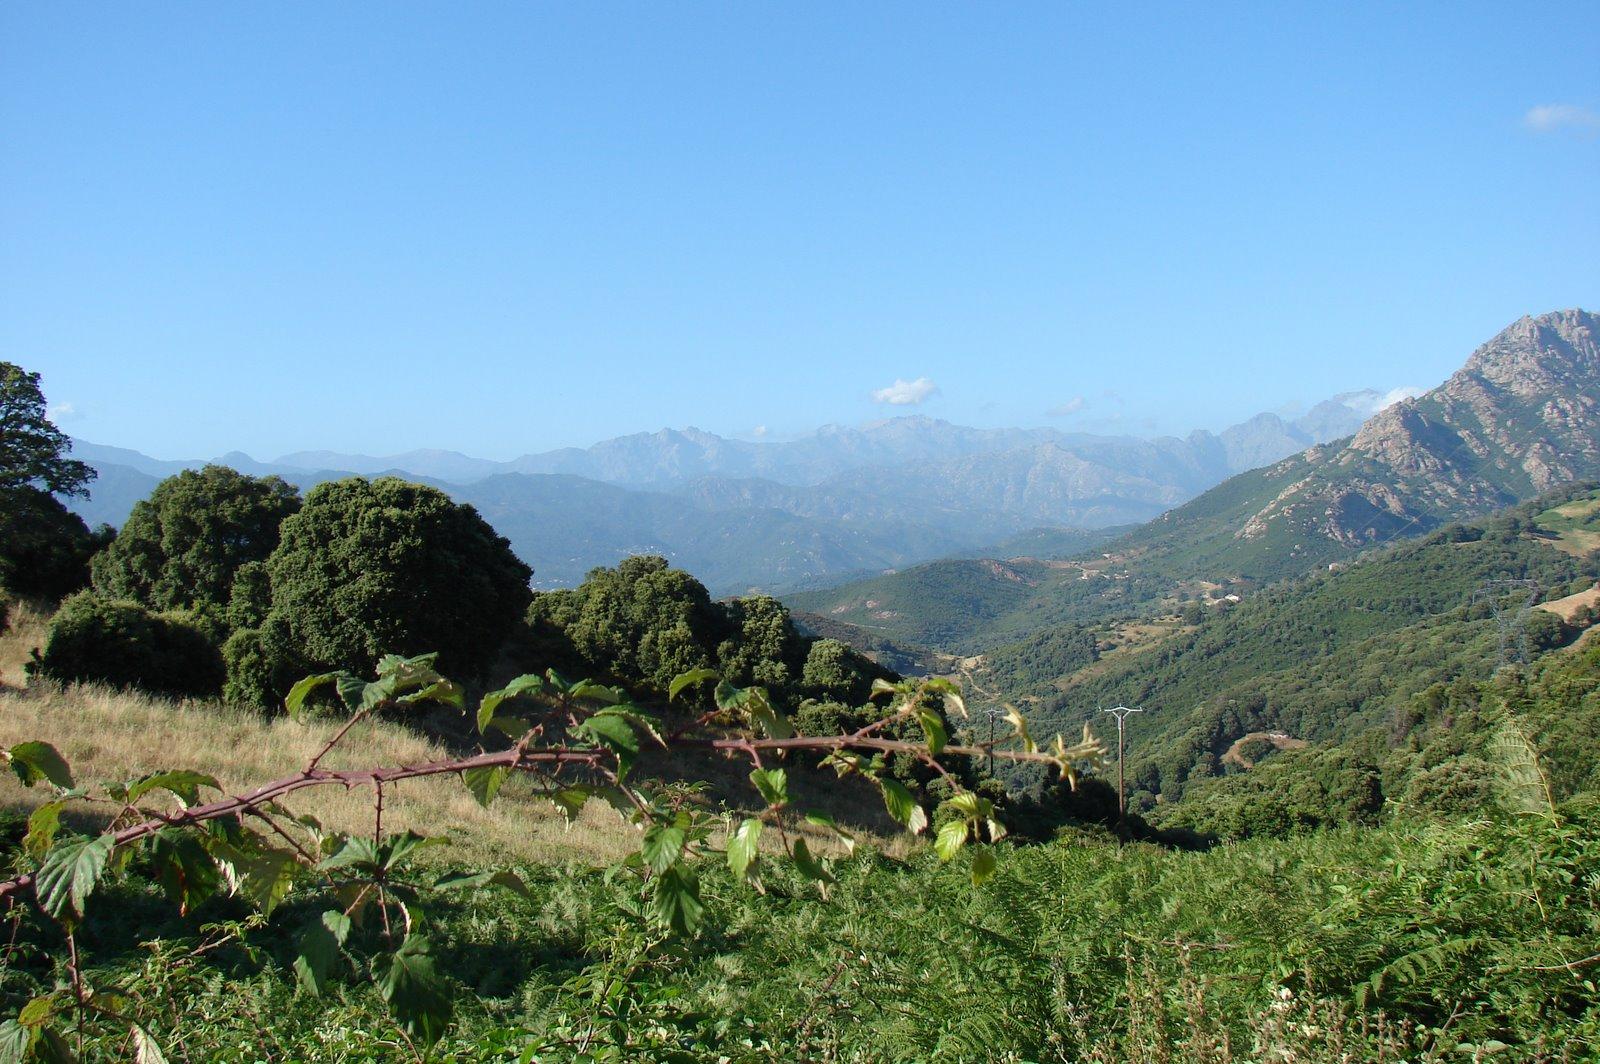 le charme du maquis corse photo et image | paysages, paysages de campagne,  village Images fotocommunity